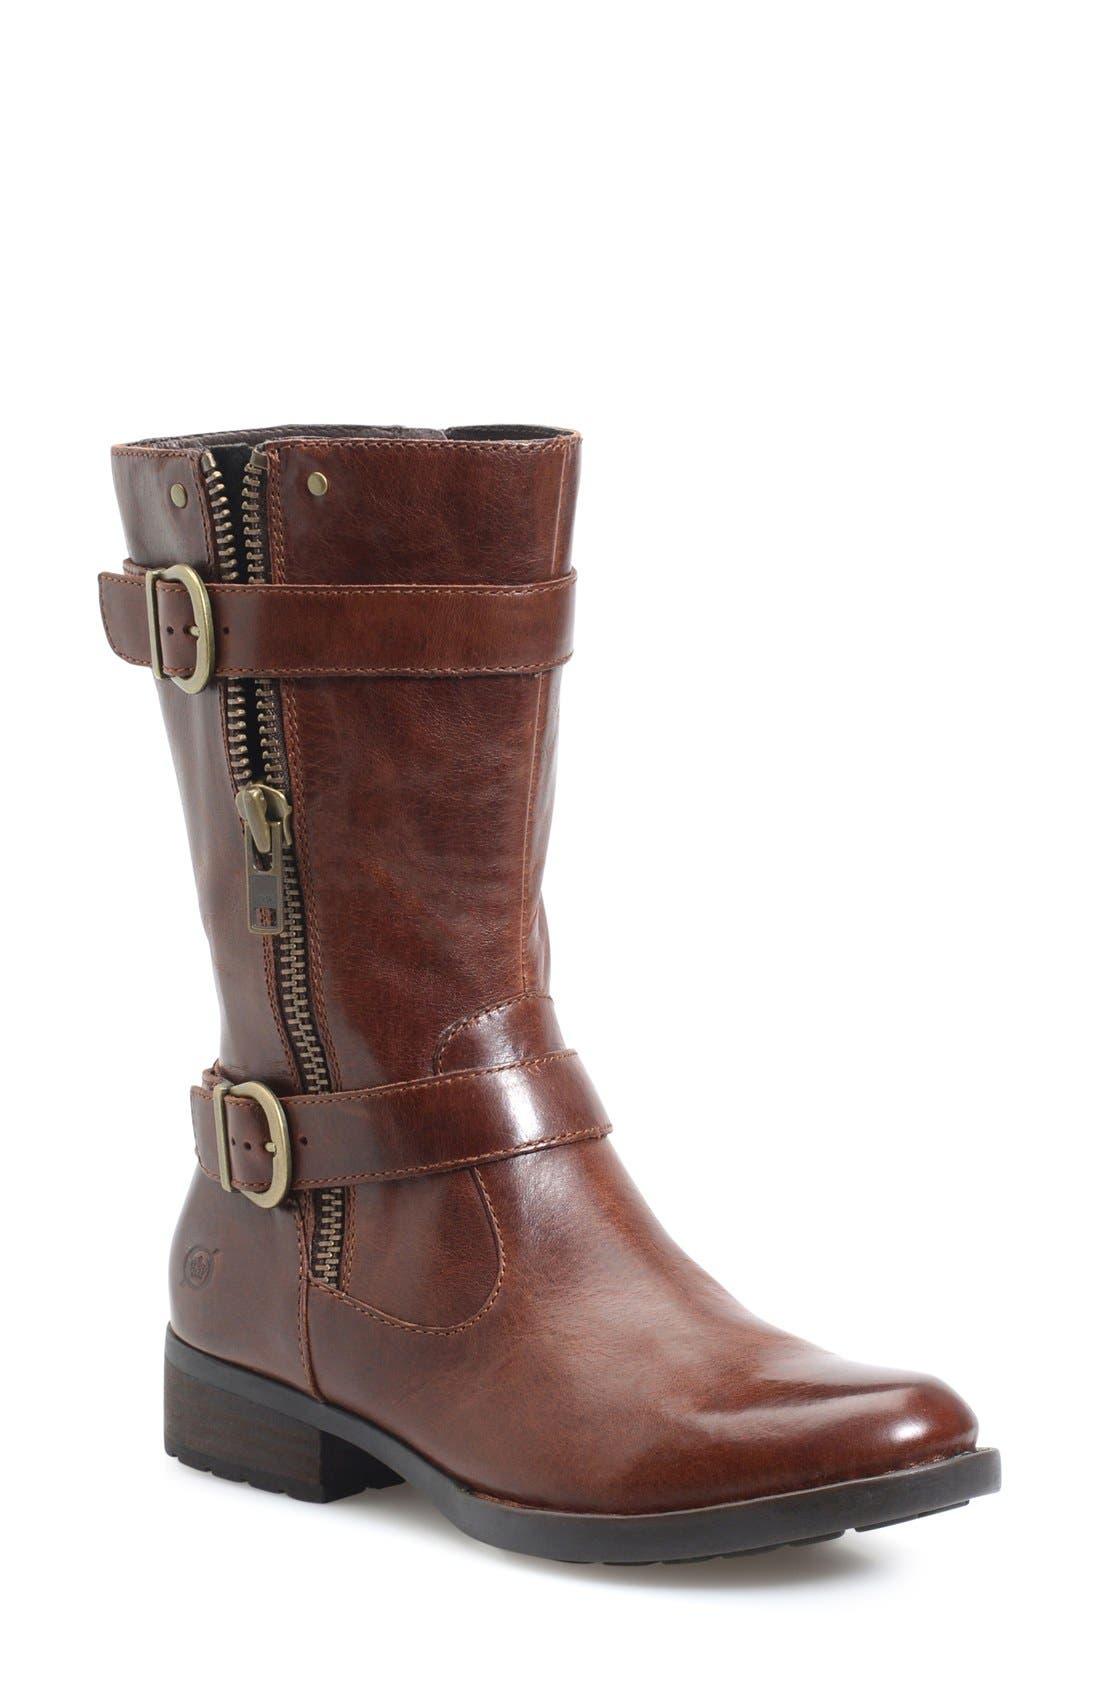 Alternate Image 1 Selected - Børn 'Eerie' Engineer Boot (Women)